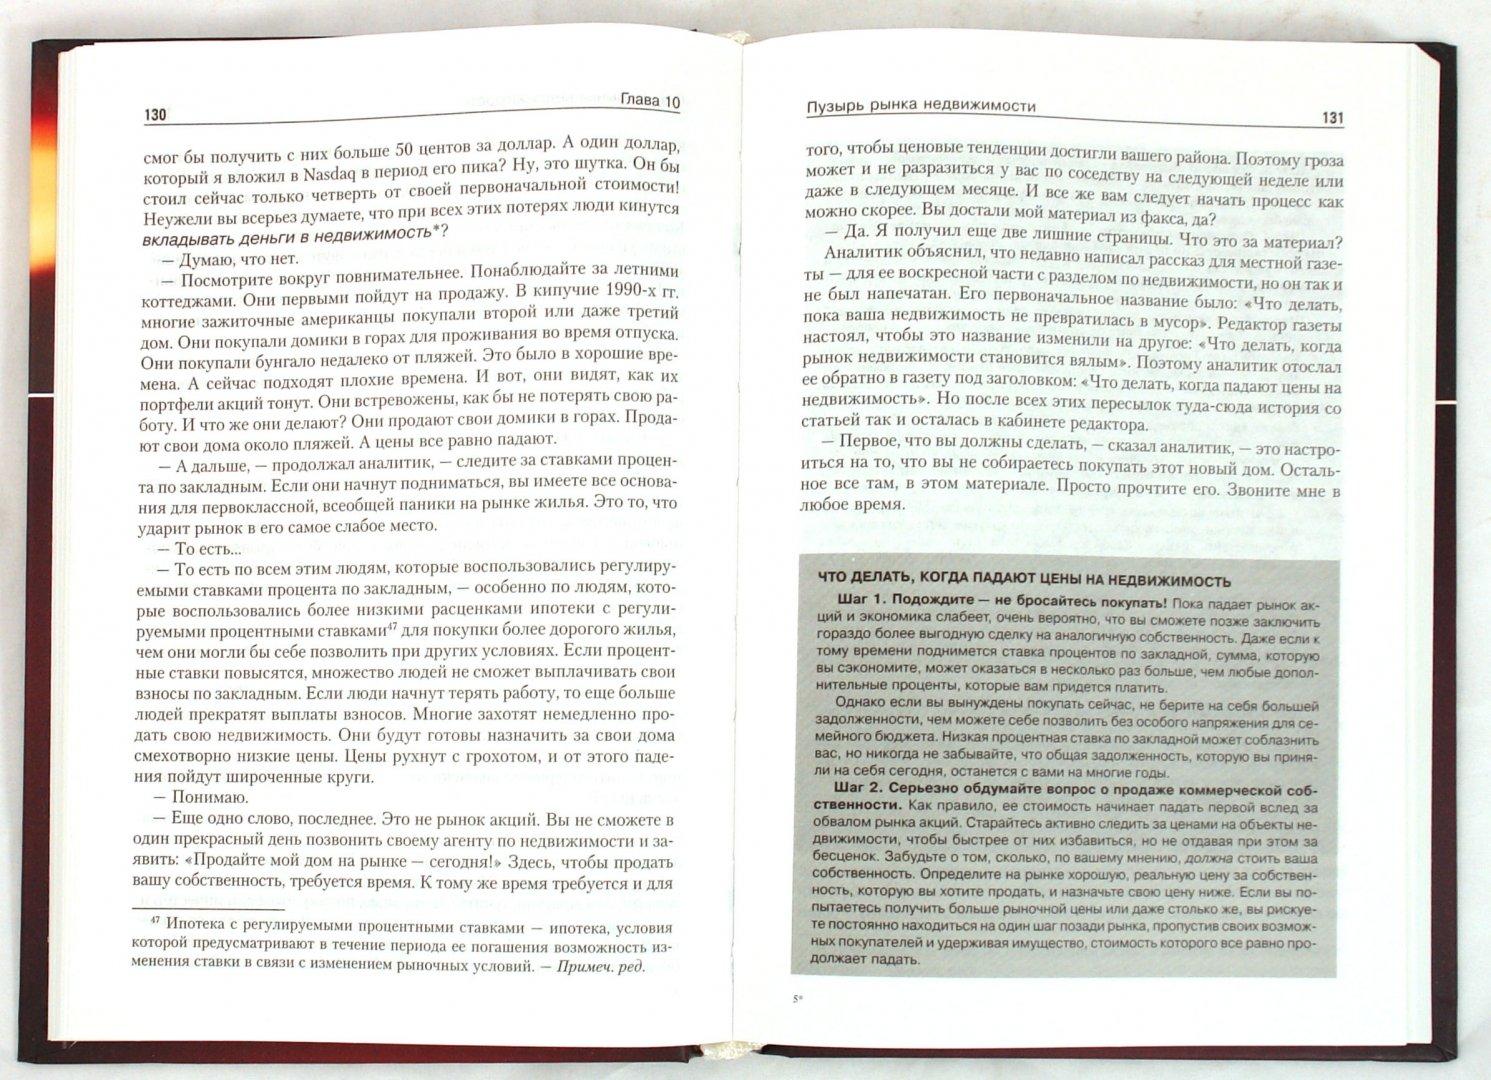 Иллюстрация 1 из 21 для Делай деньги во время кризиса на бирже - Мартин Вайс | Лабиринт - книги. Источник: Лабиринт